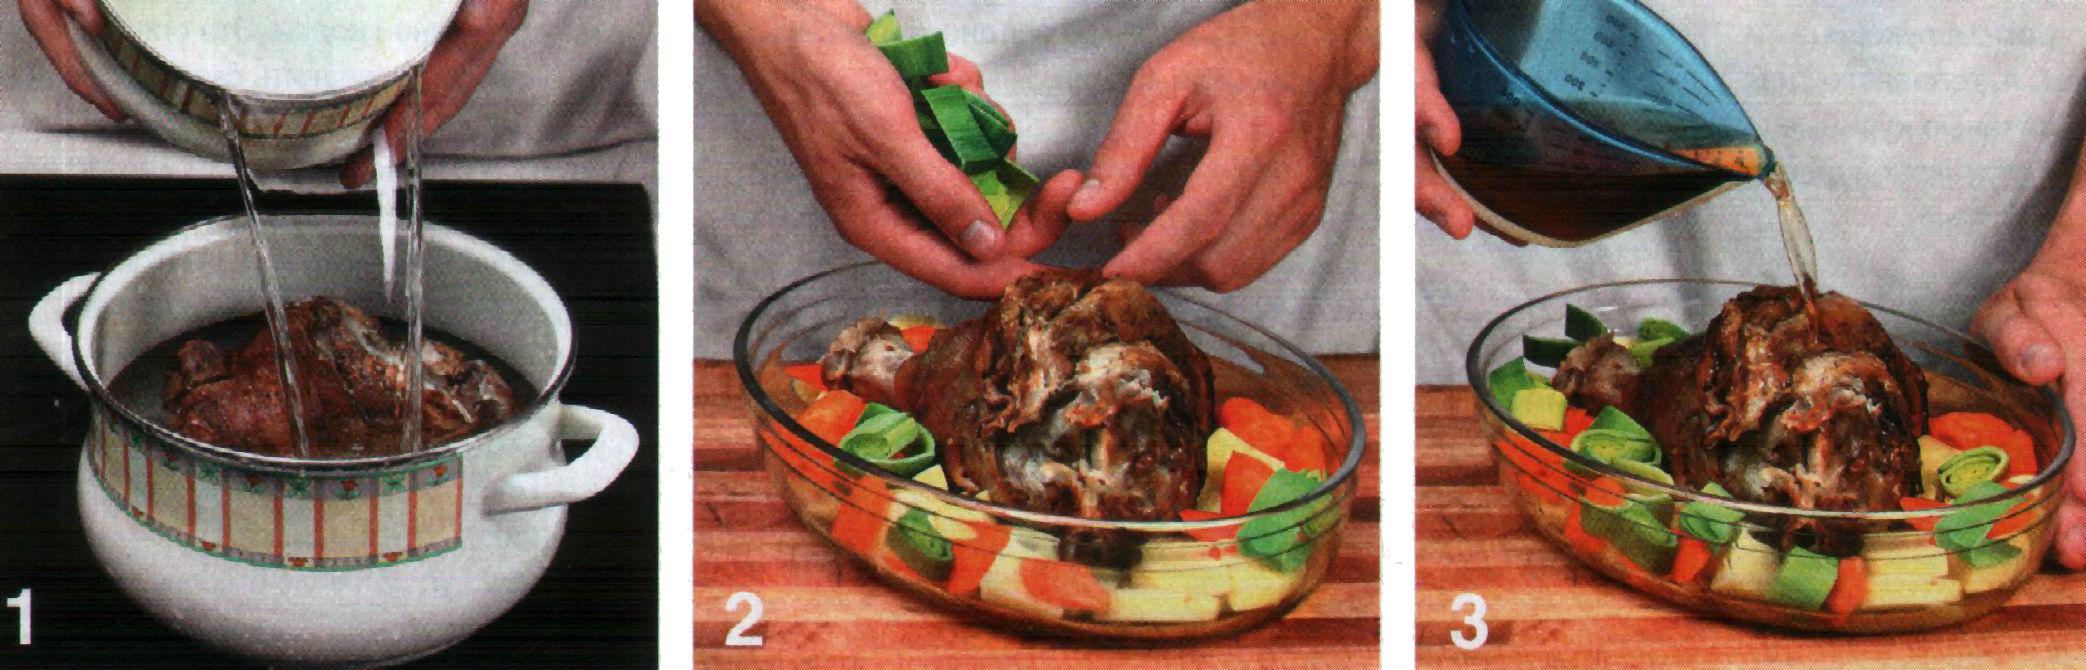 рулька свиная без кожи рецепт в духовке